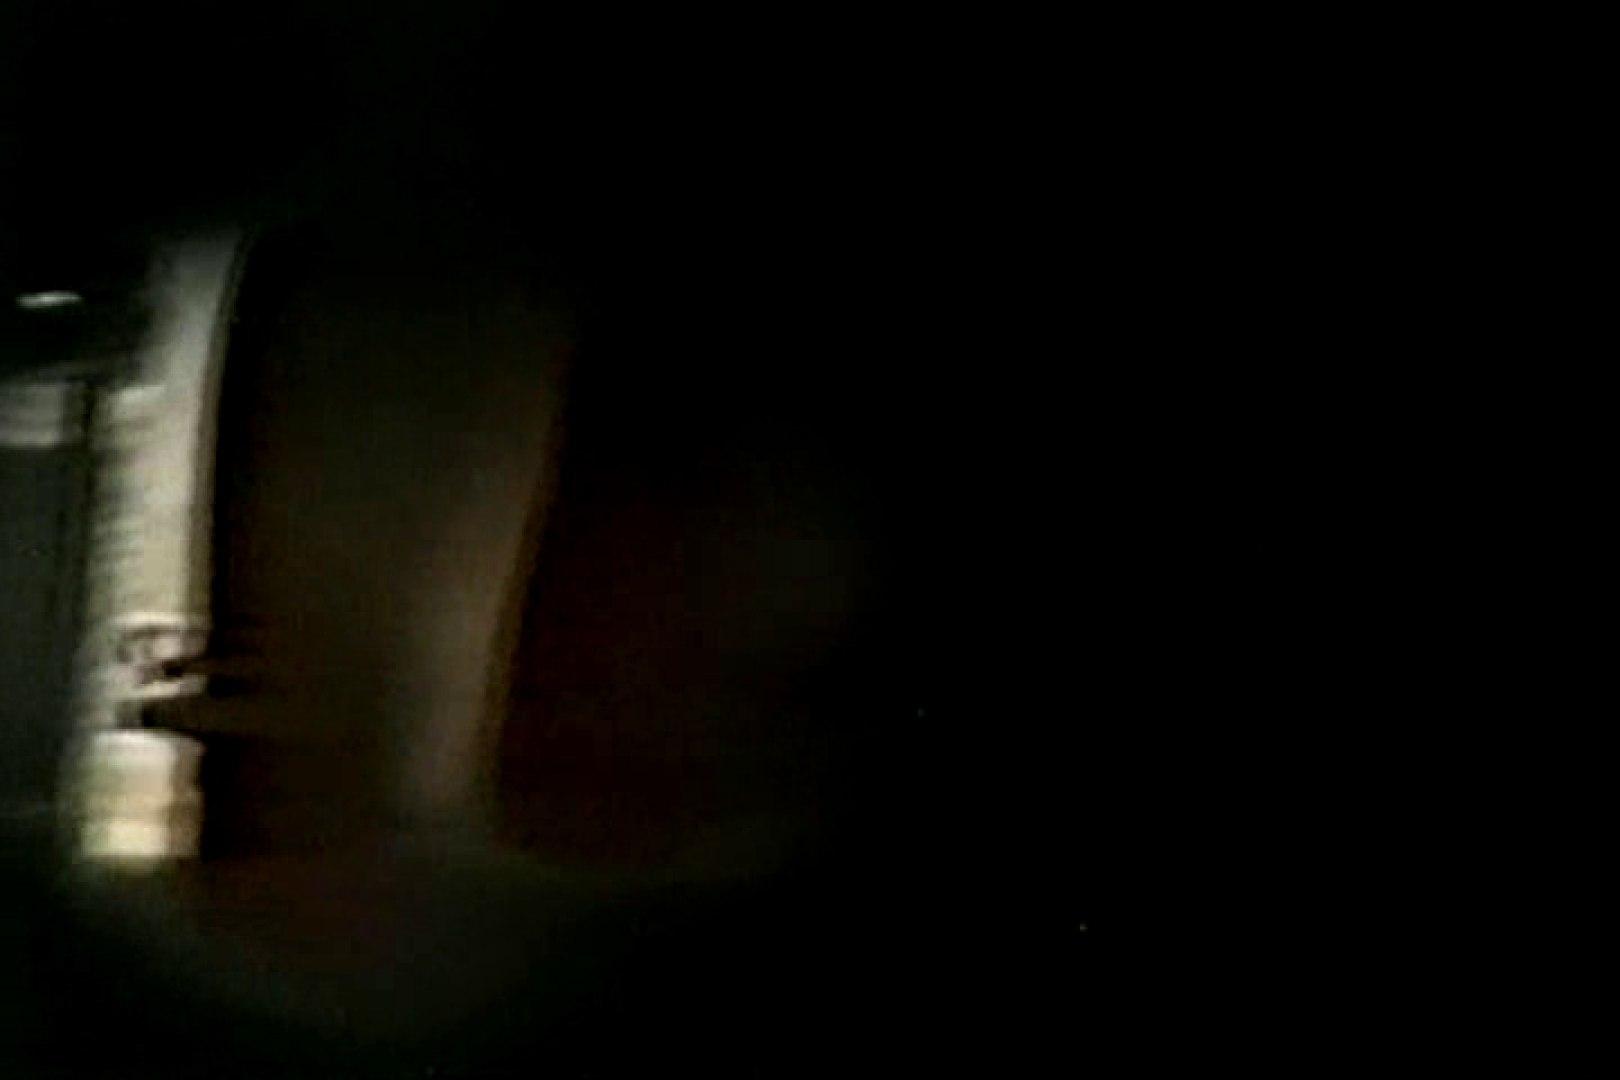 深夜の撮影会Vol.6 OLすけべ画像  102連発 80